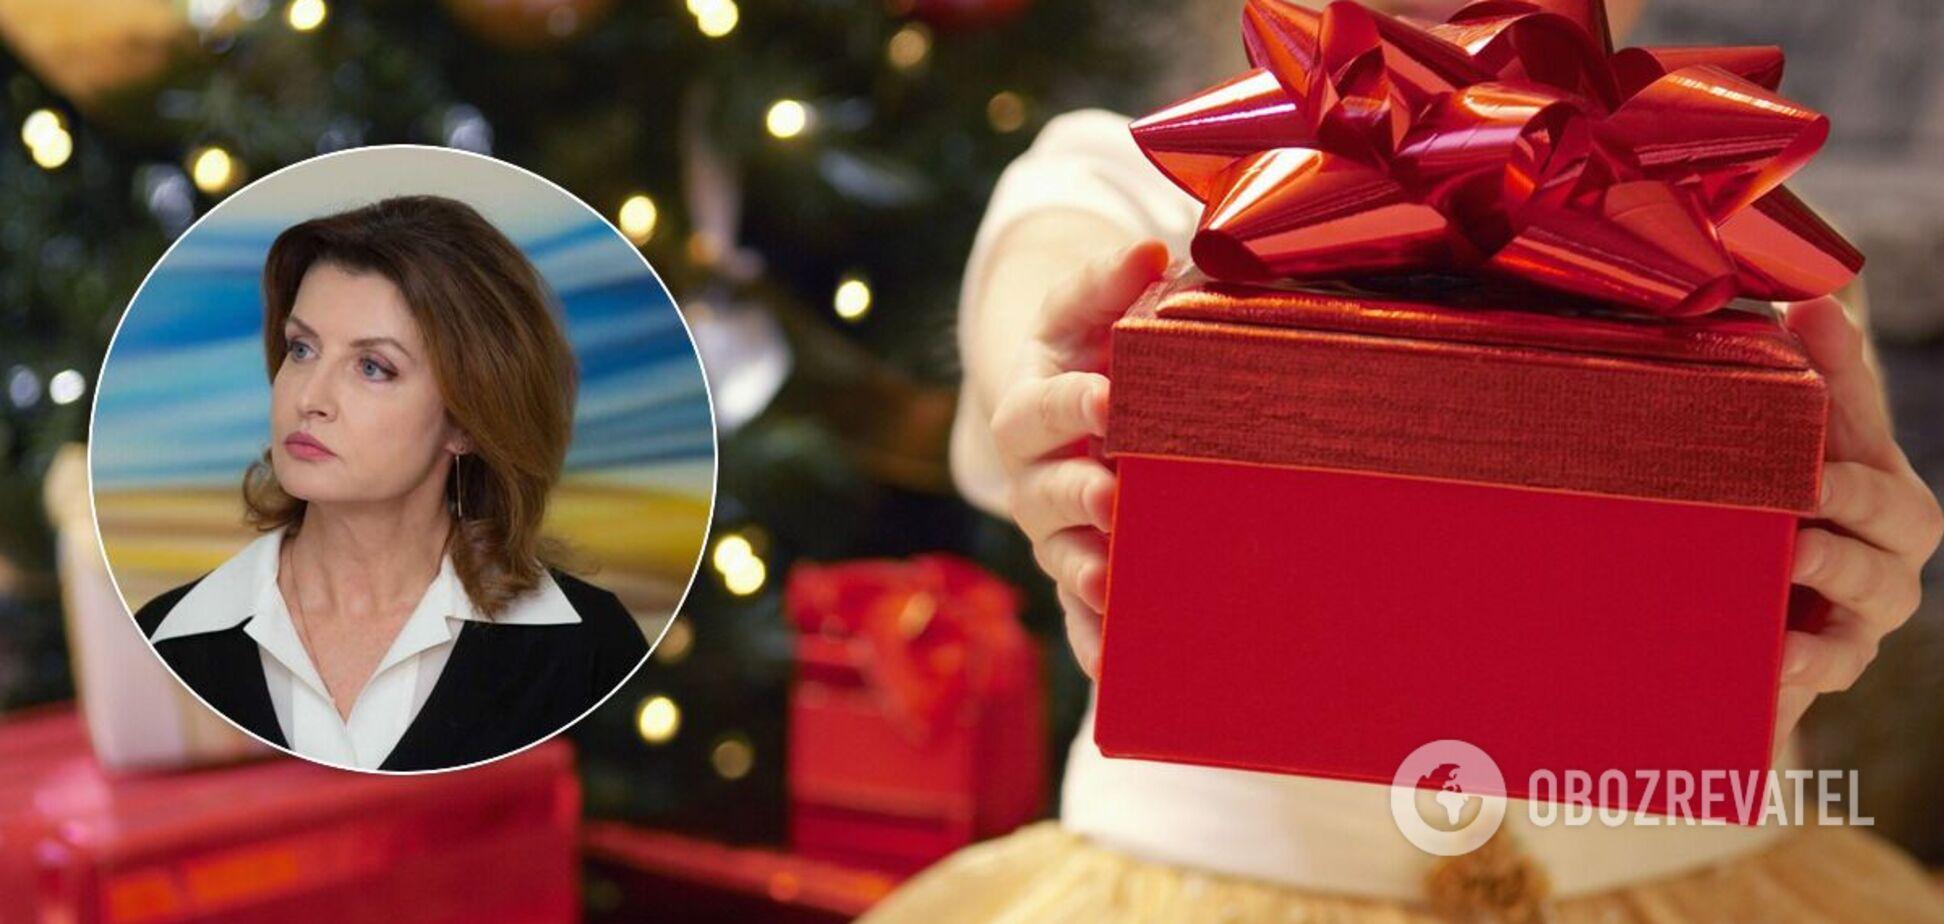 Марина Порошенко анонсировала всеукраинские акции к Новому году для детей с инвалидностью